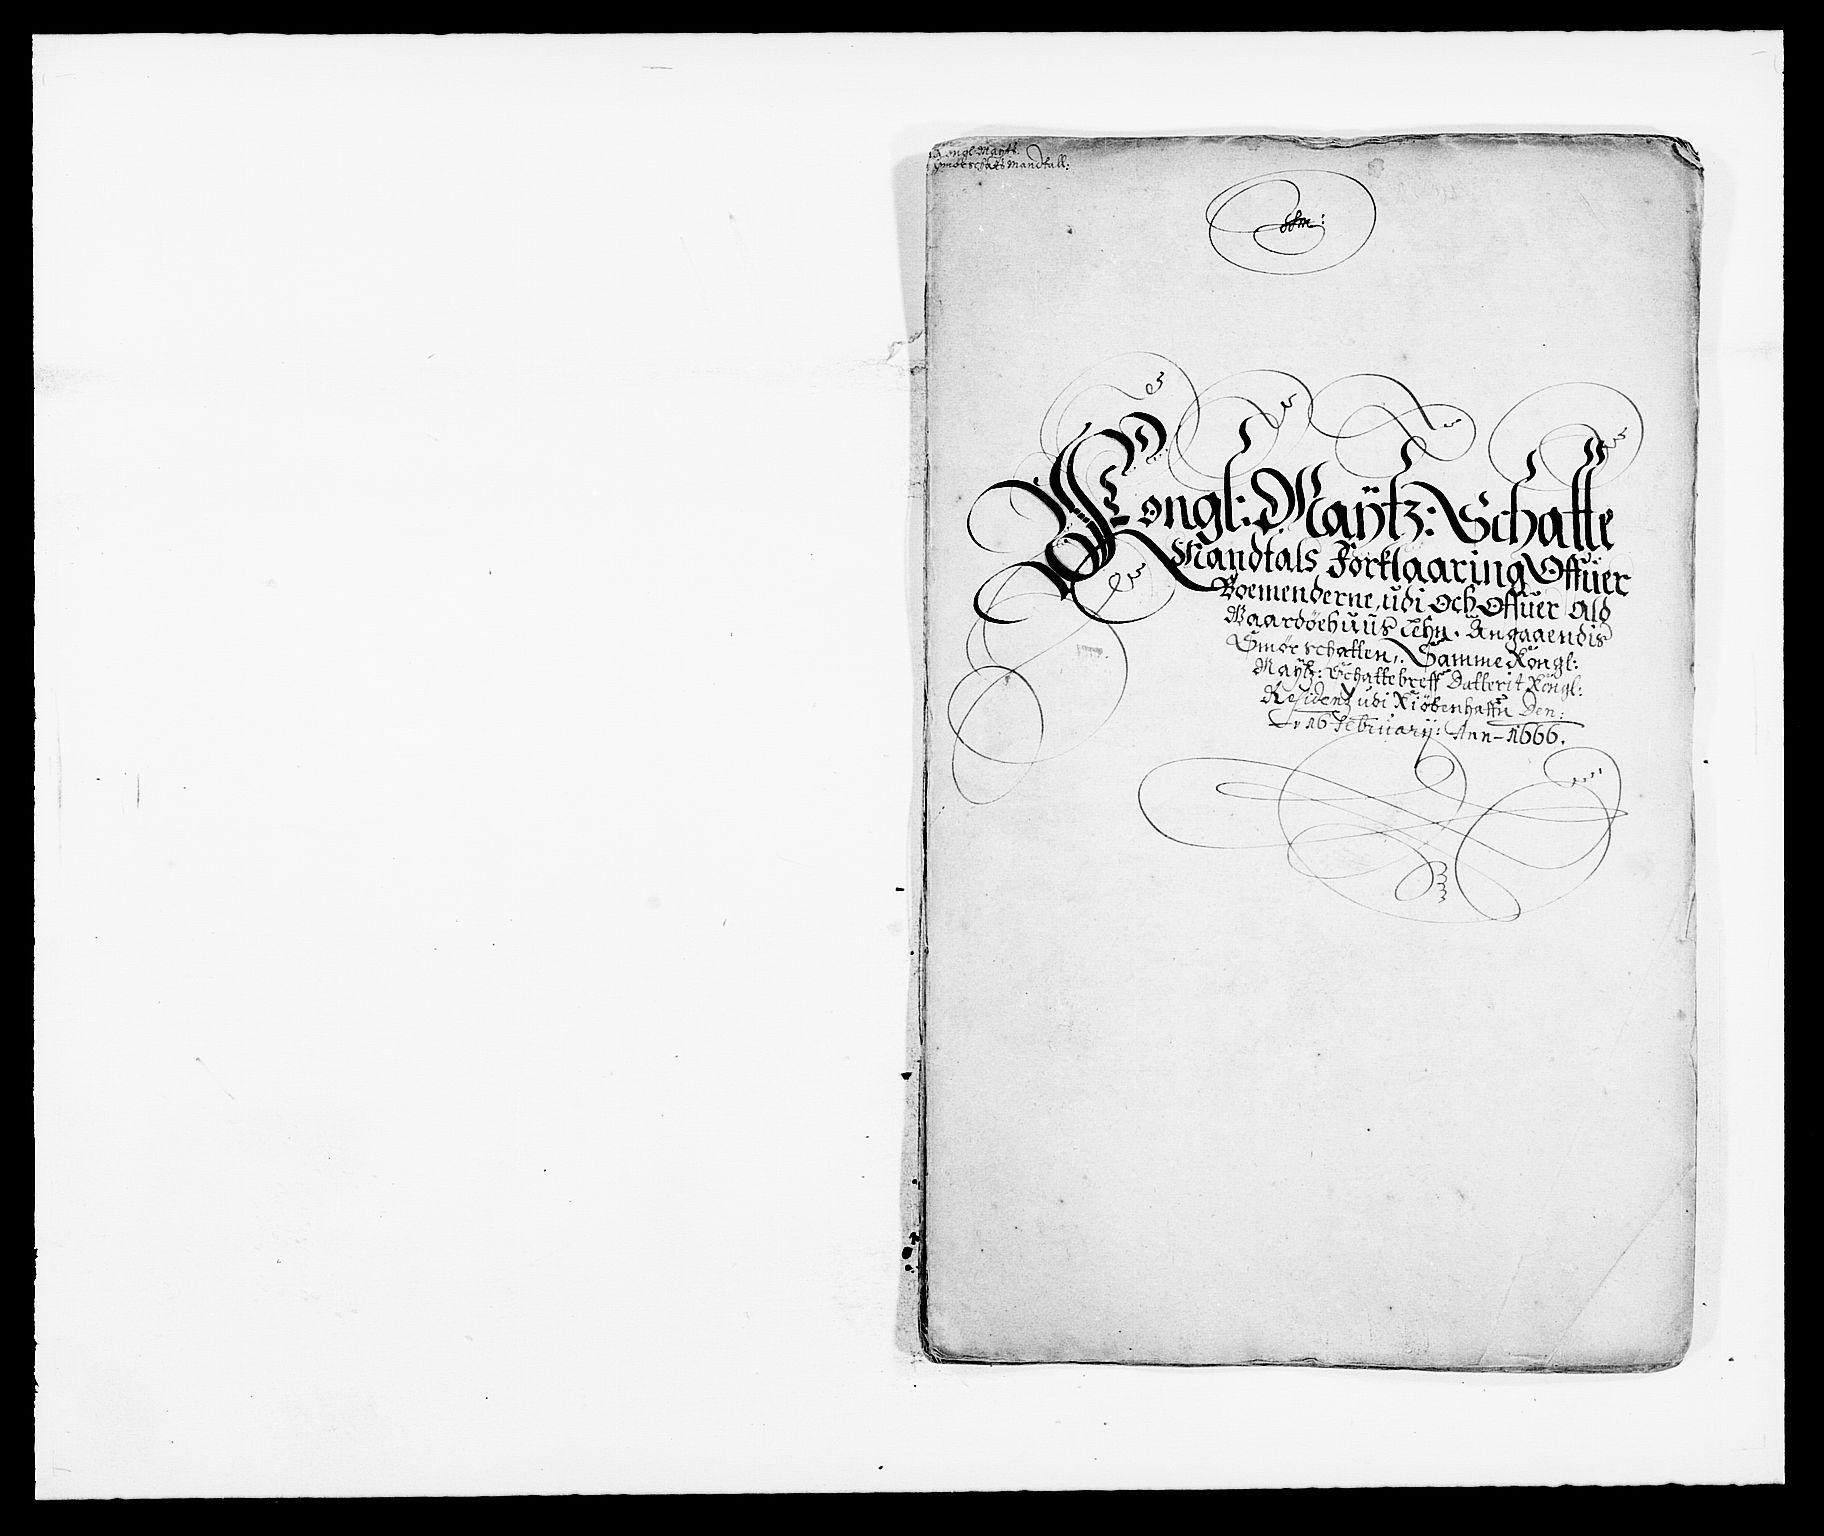 RA, Rentekammeret inntil 1814, Reviderte regnskaper, Fogderegnskap, R69/L4849: Fogderegnskap Finnmark/Vardøhus, 1661-1679, s. 123